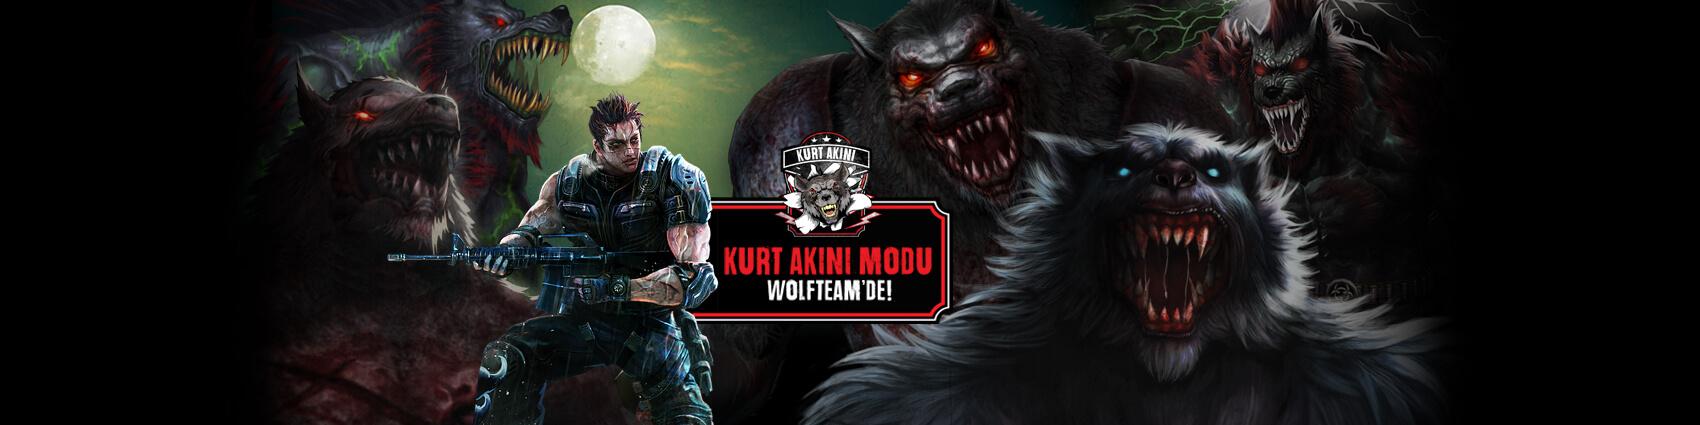 Wolfteam Kurt Akını